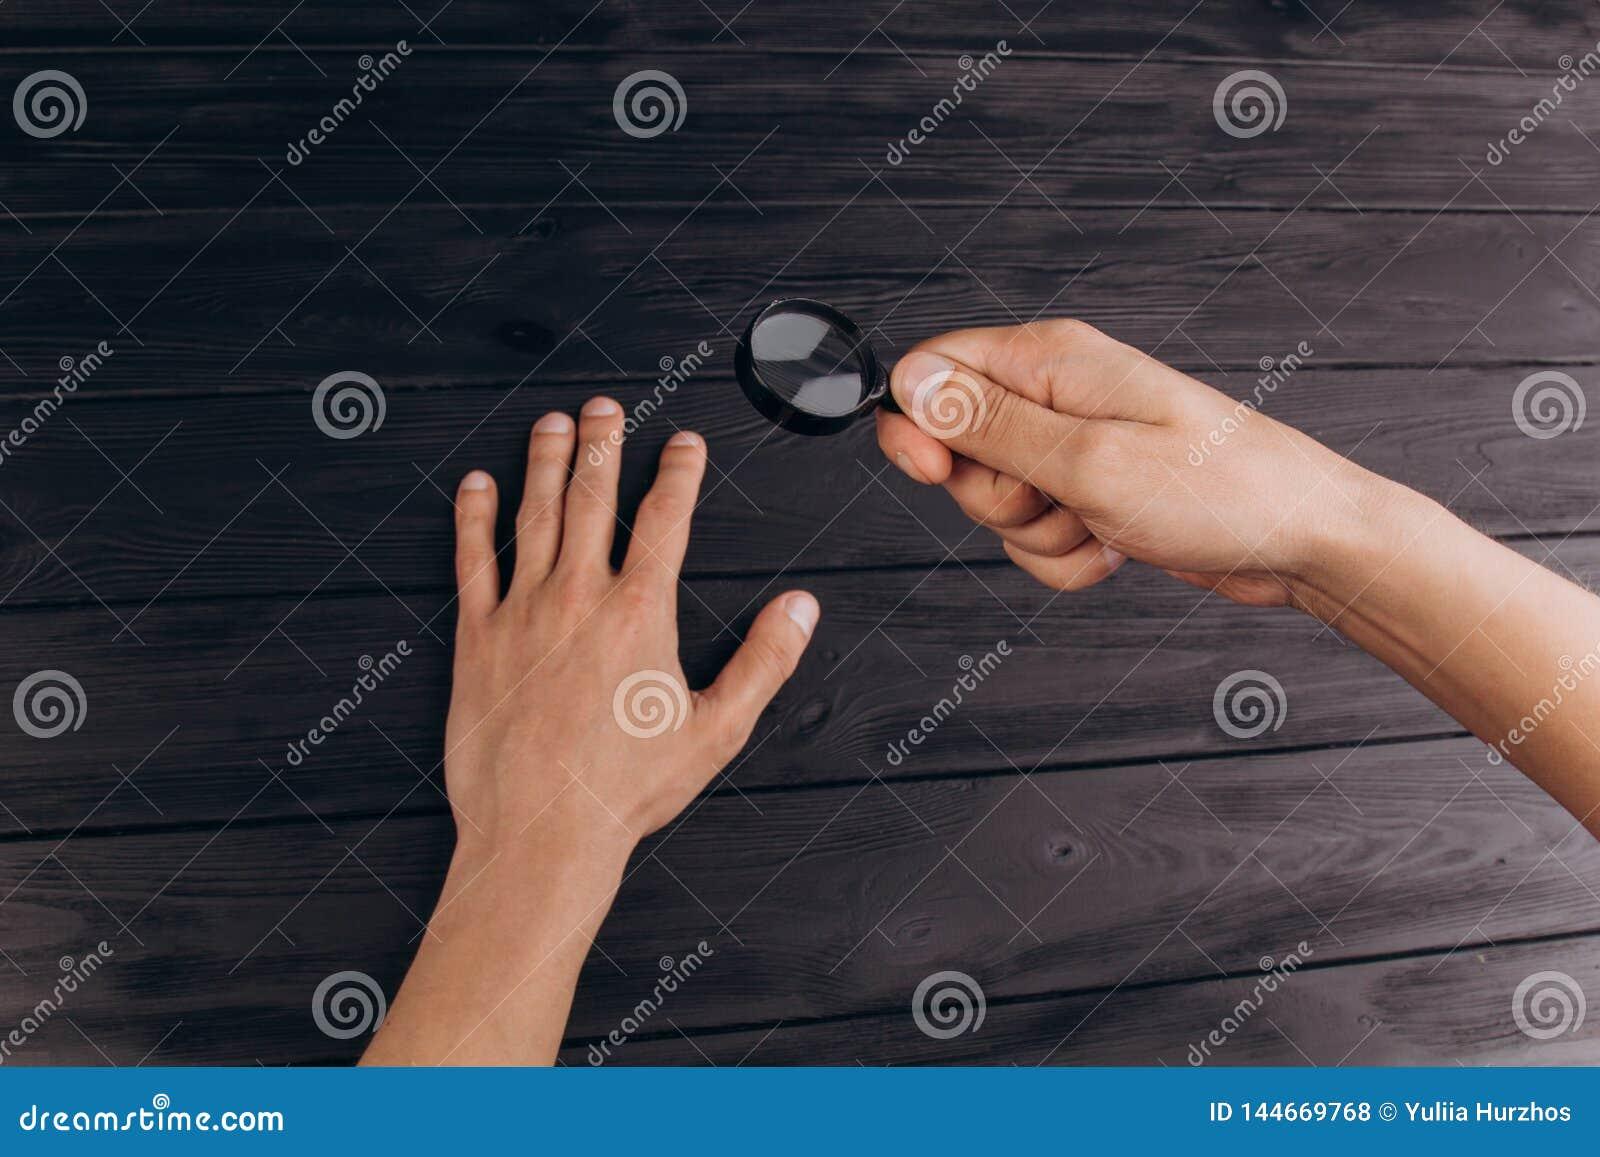 Mężczyzna ręki na nieociosanym czarnym biurku trzyma powiększać - szkło odcisk palca egzamin palmowy zbliżenie